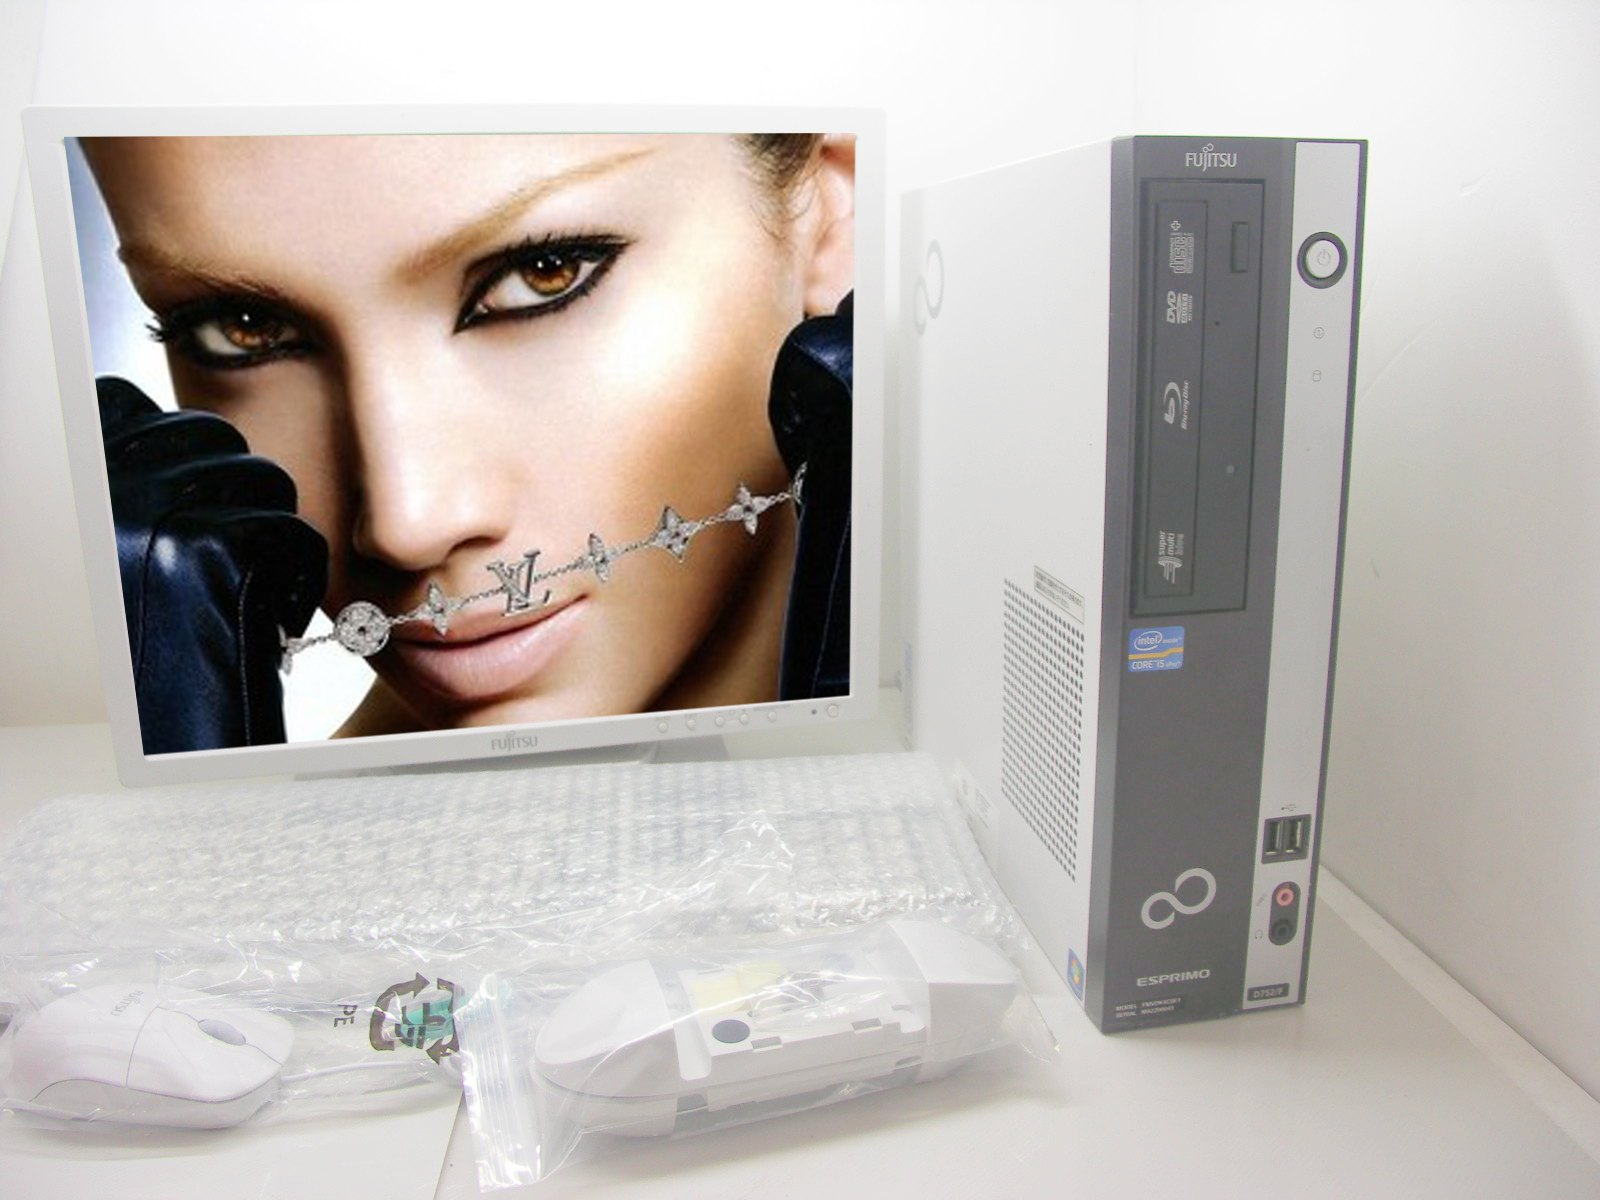 富士通 ESPRIMO D752/F Core i5 3470 3.2GHz (最大3.6GHz)4GB 250GB スーパーマルチ Windows7 24インチモニタ【中古】【送料無料】【あす楽対応】